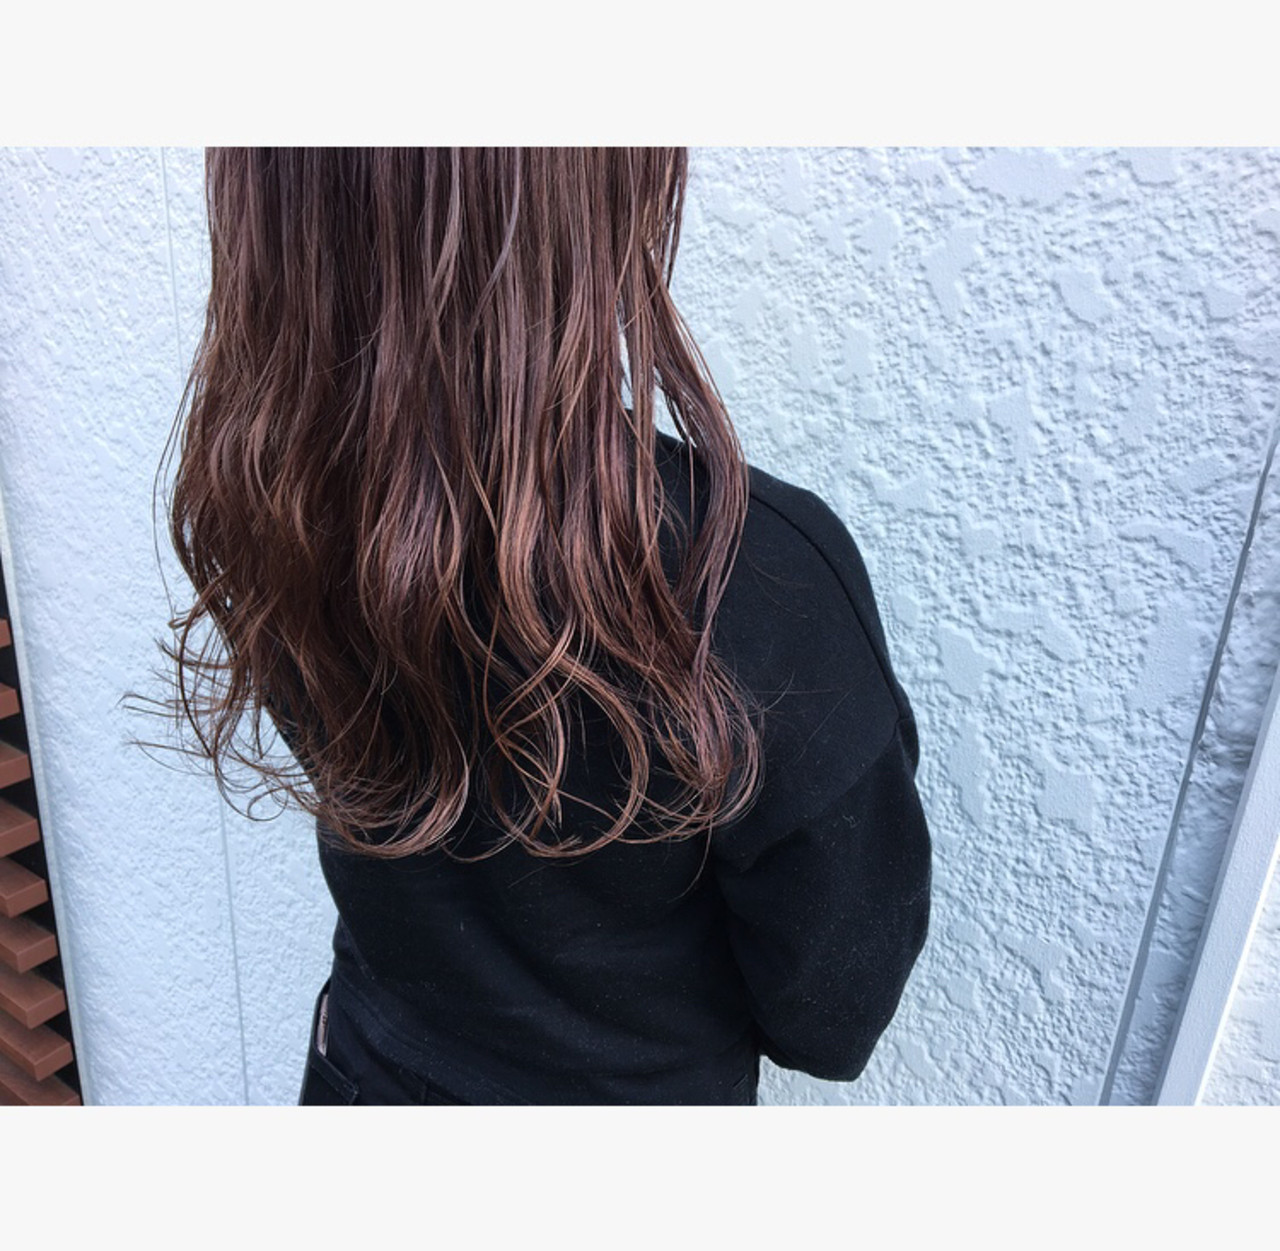 ブリーチカラー アッシュベージュ 大人可愛い パープルアッシュ ヘアスタイルや髪型の写真・画像